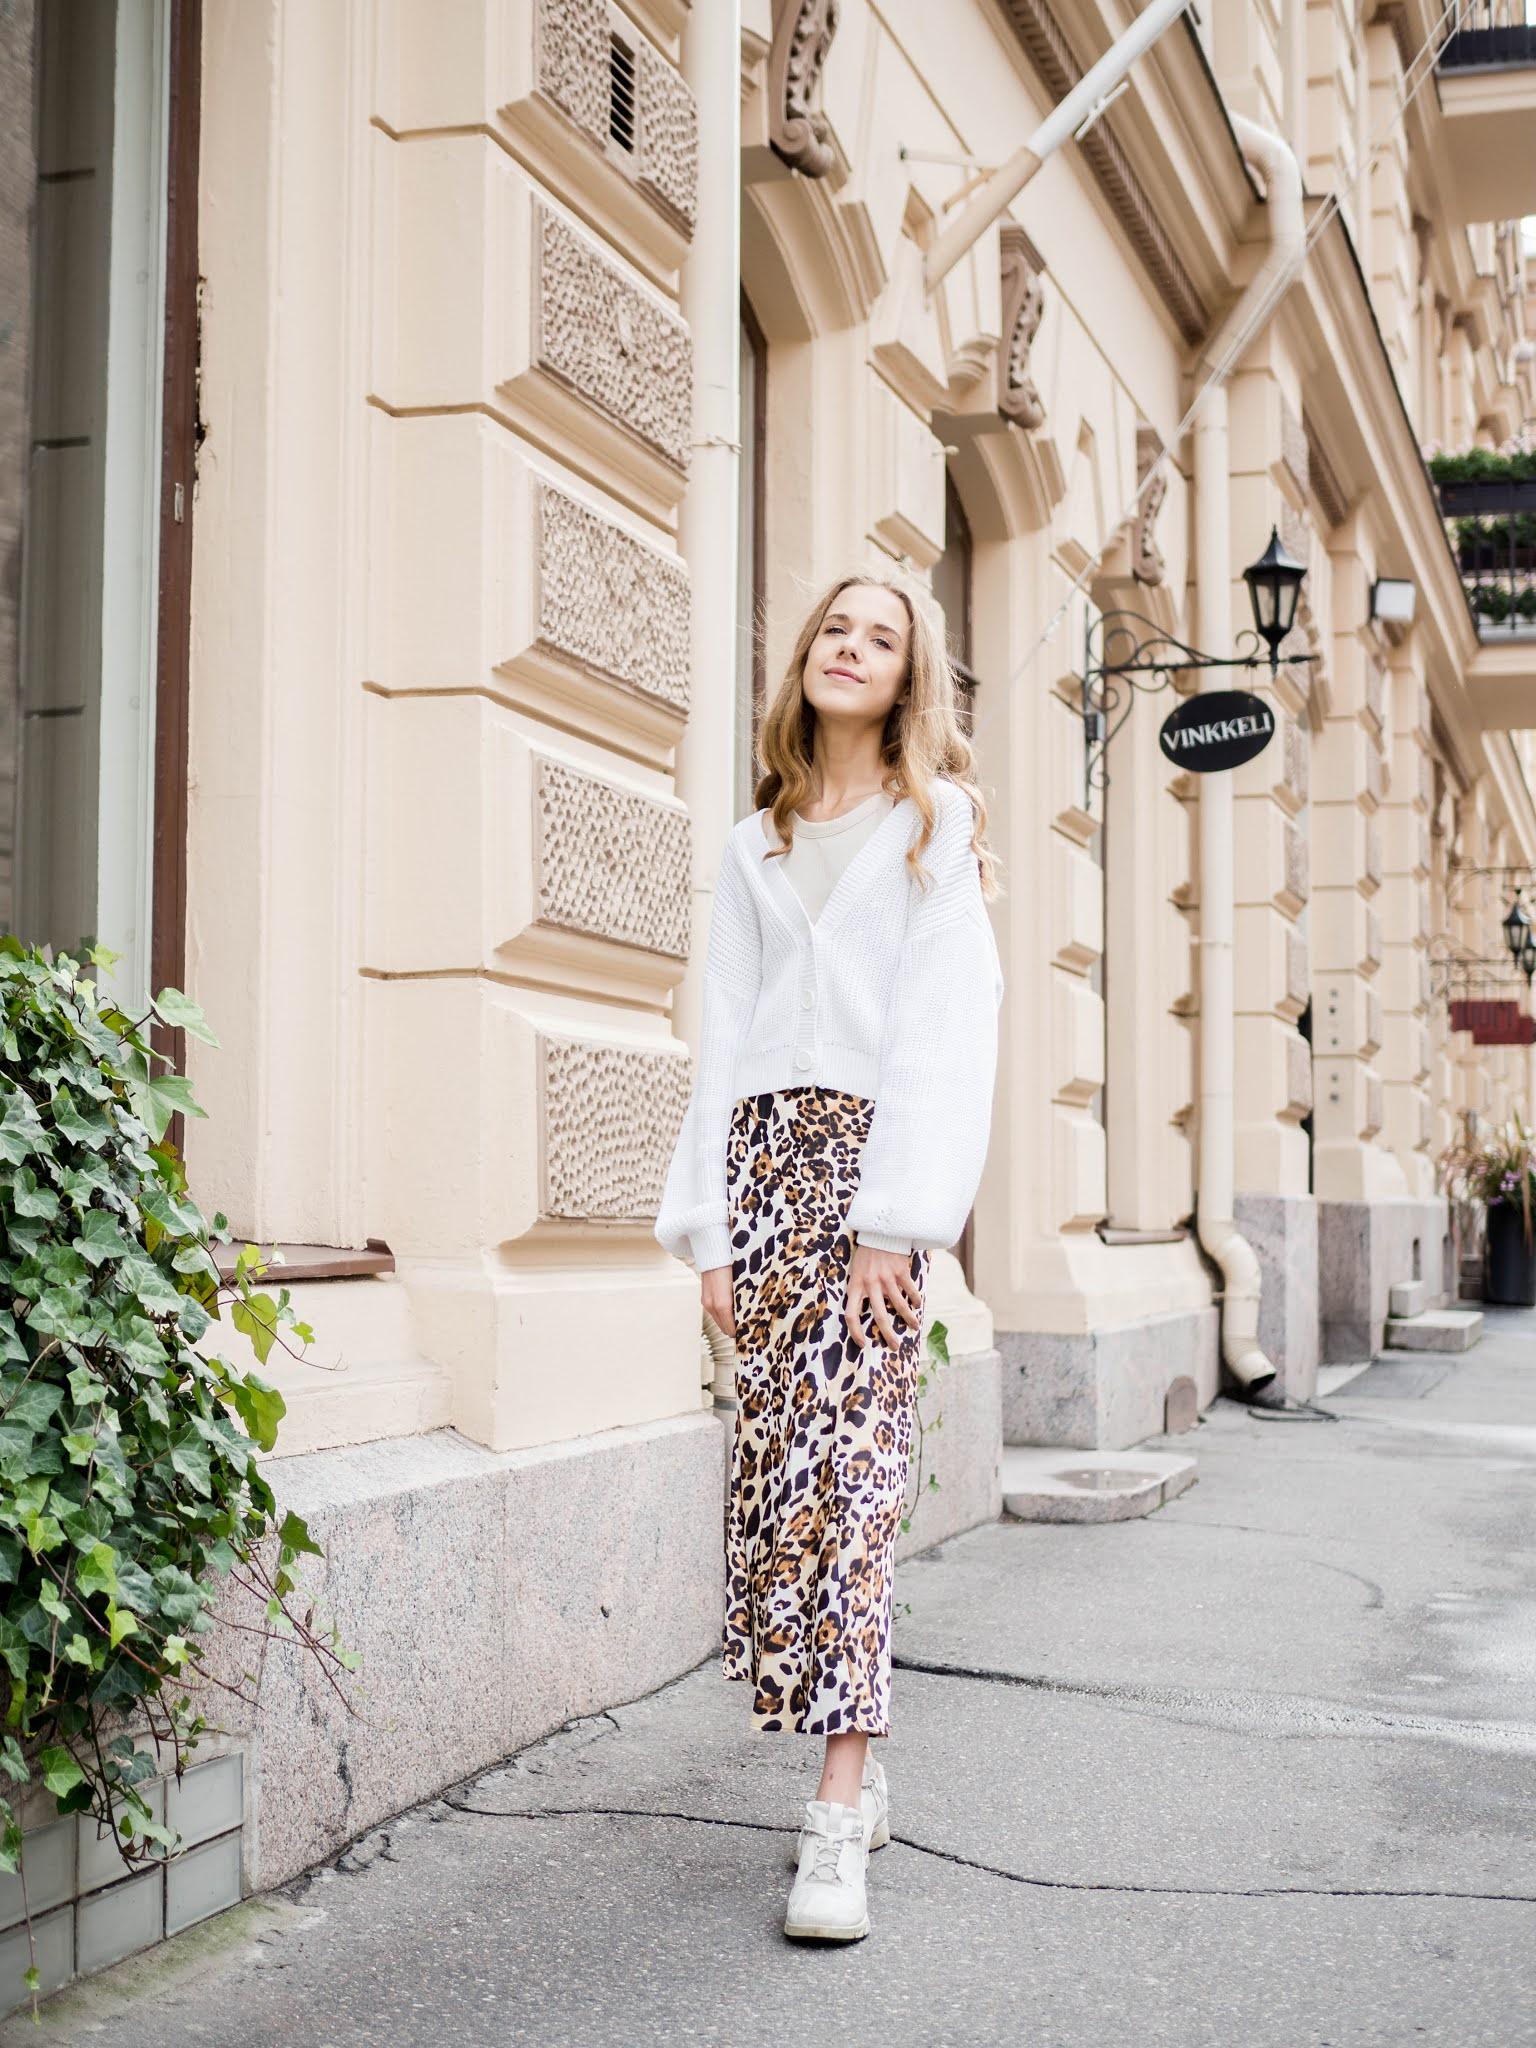 Autumn knitwear fashion - Syksyn neulemuoti, asuinspiraatio, muotiblogi